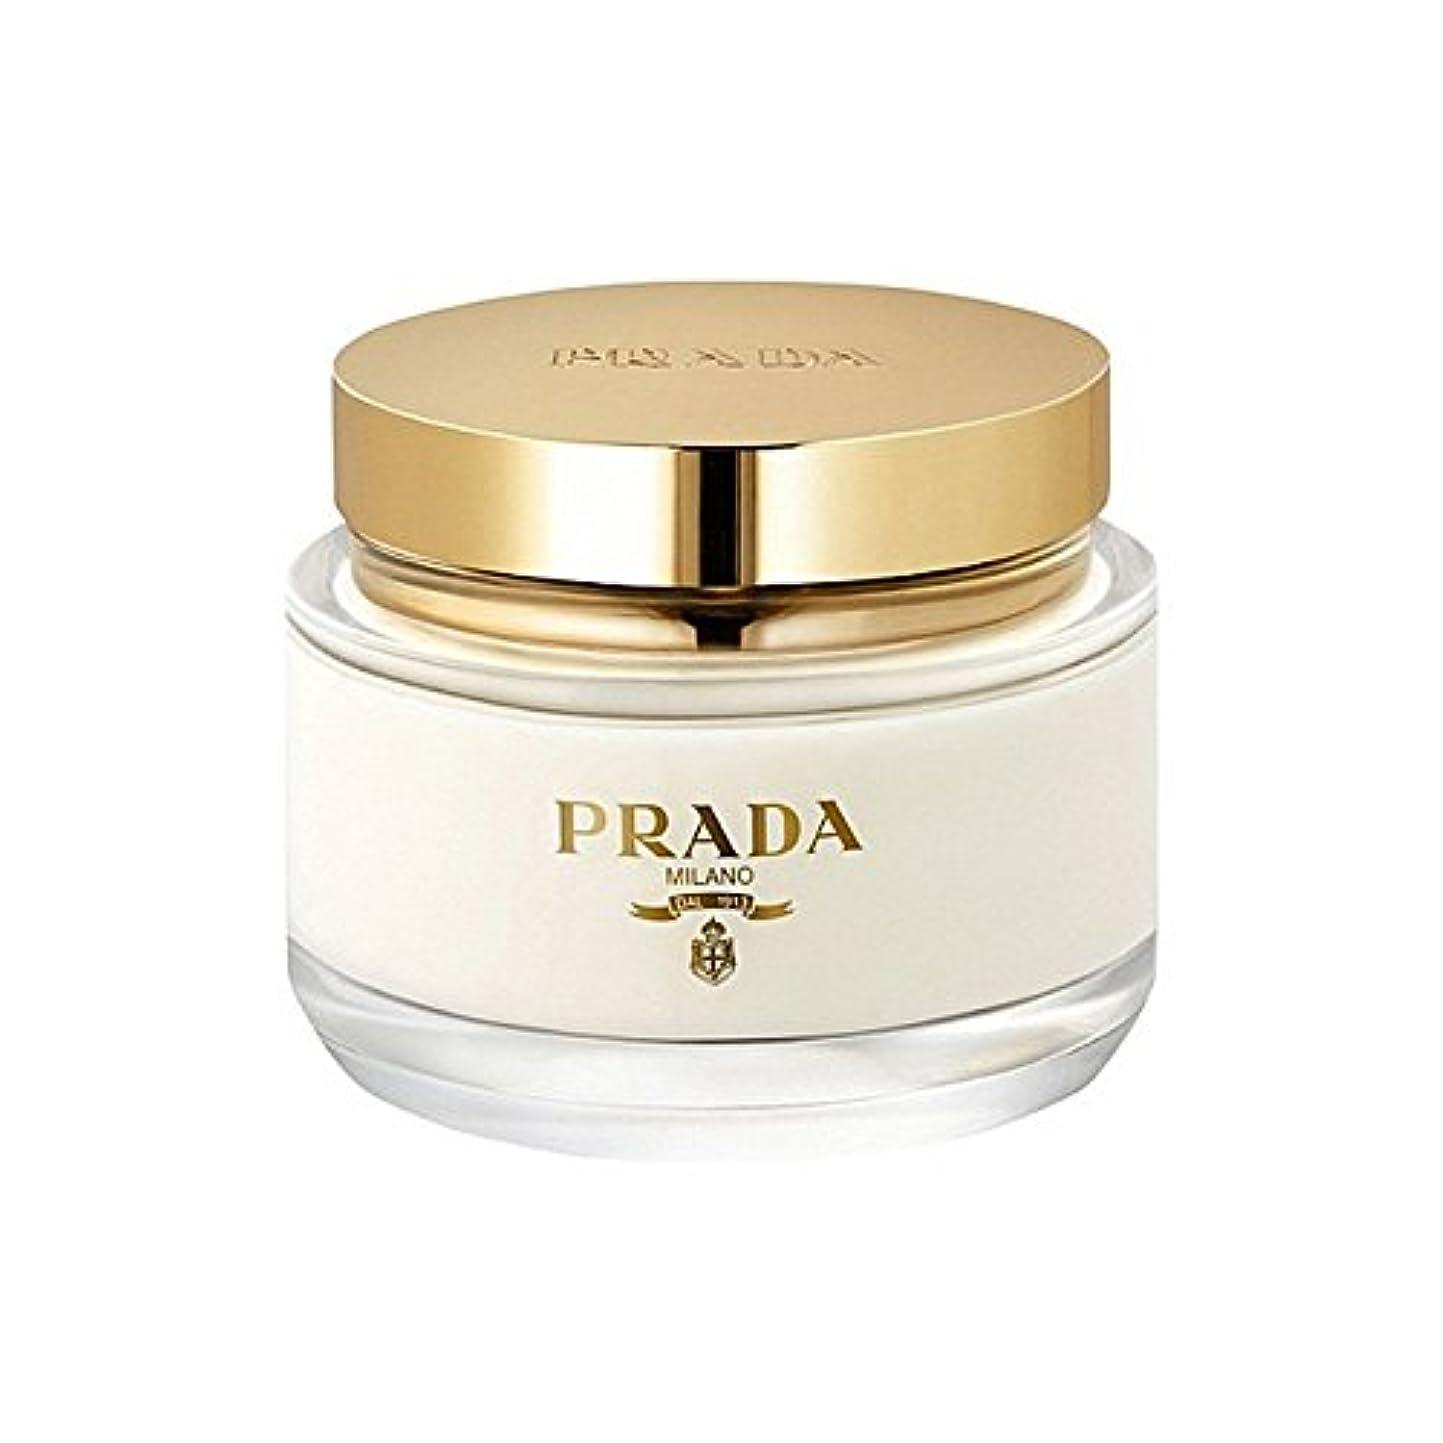 そこベアリングサークル肯定的Prada La Femme Body Cream 200ml - プラダラファムボディクリーム200ミリリットル [並行輸入品]